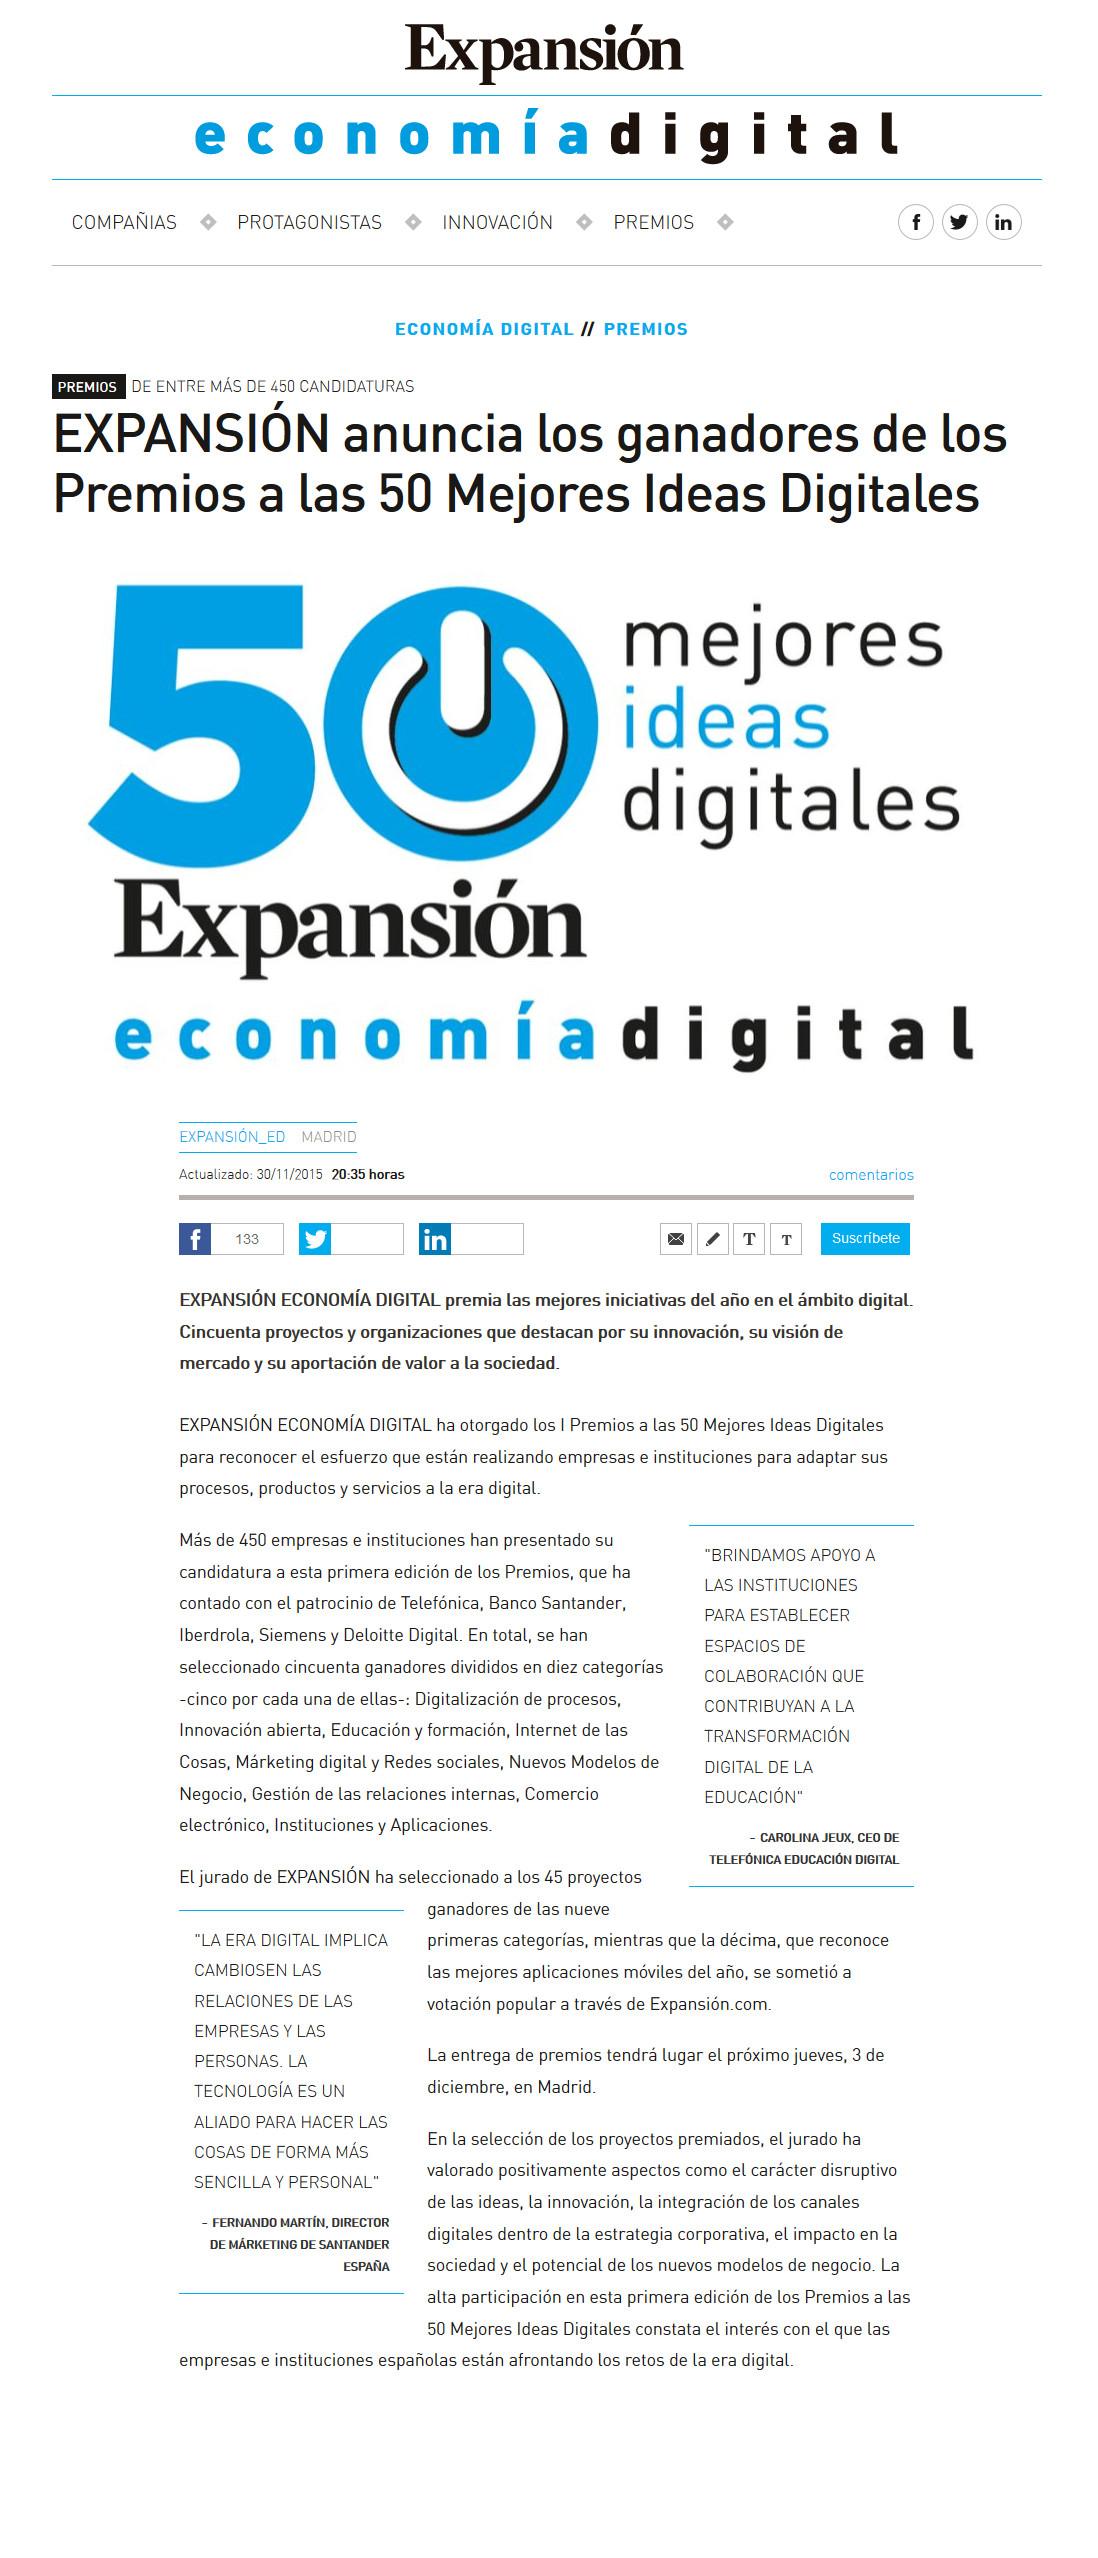 Expansión - 50 Mejores Ideas Digitales